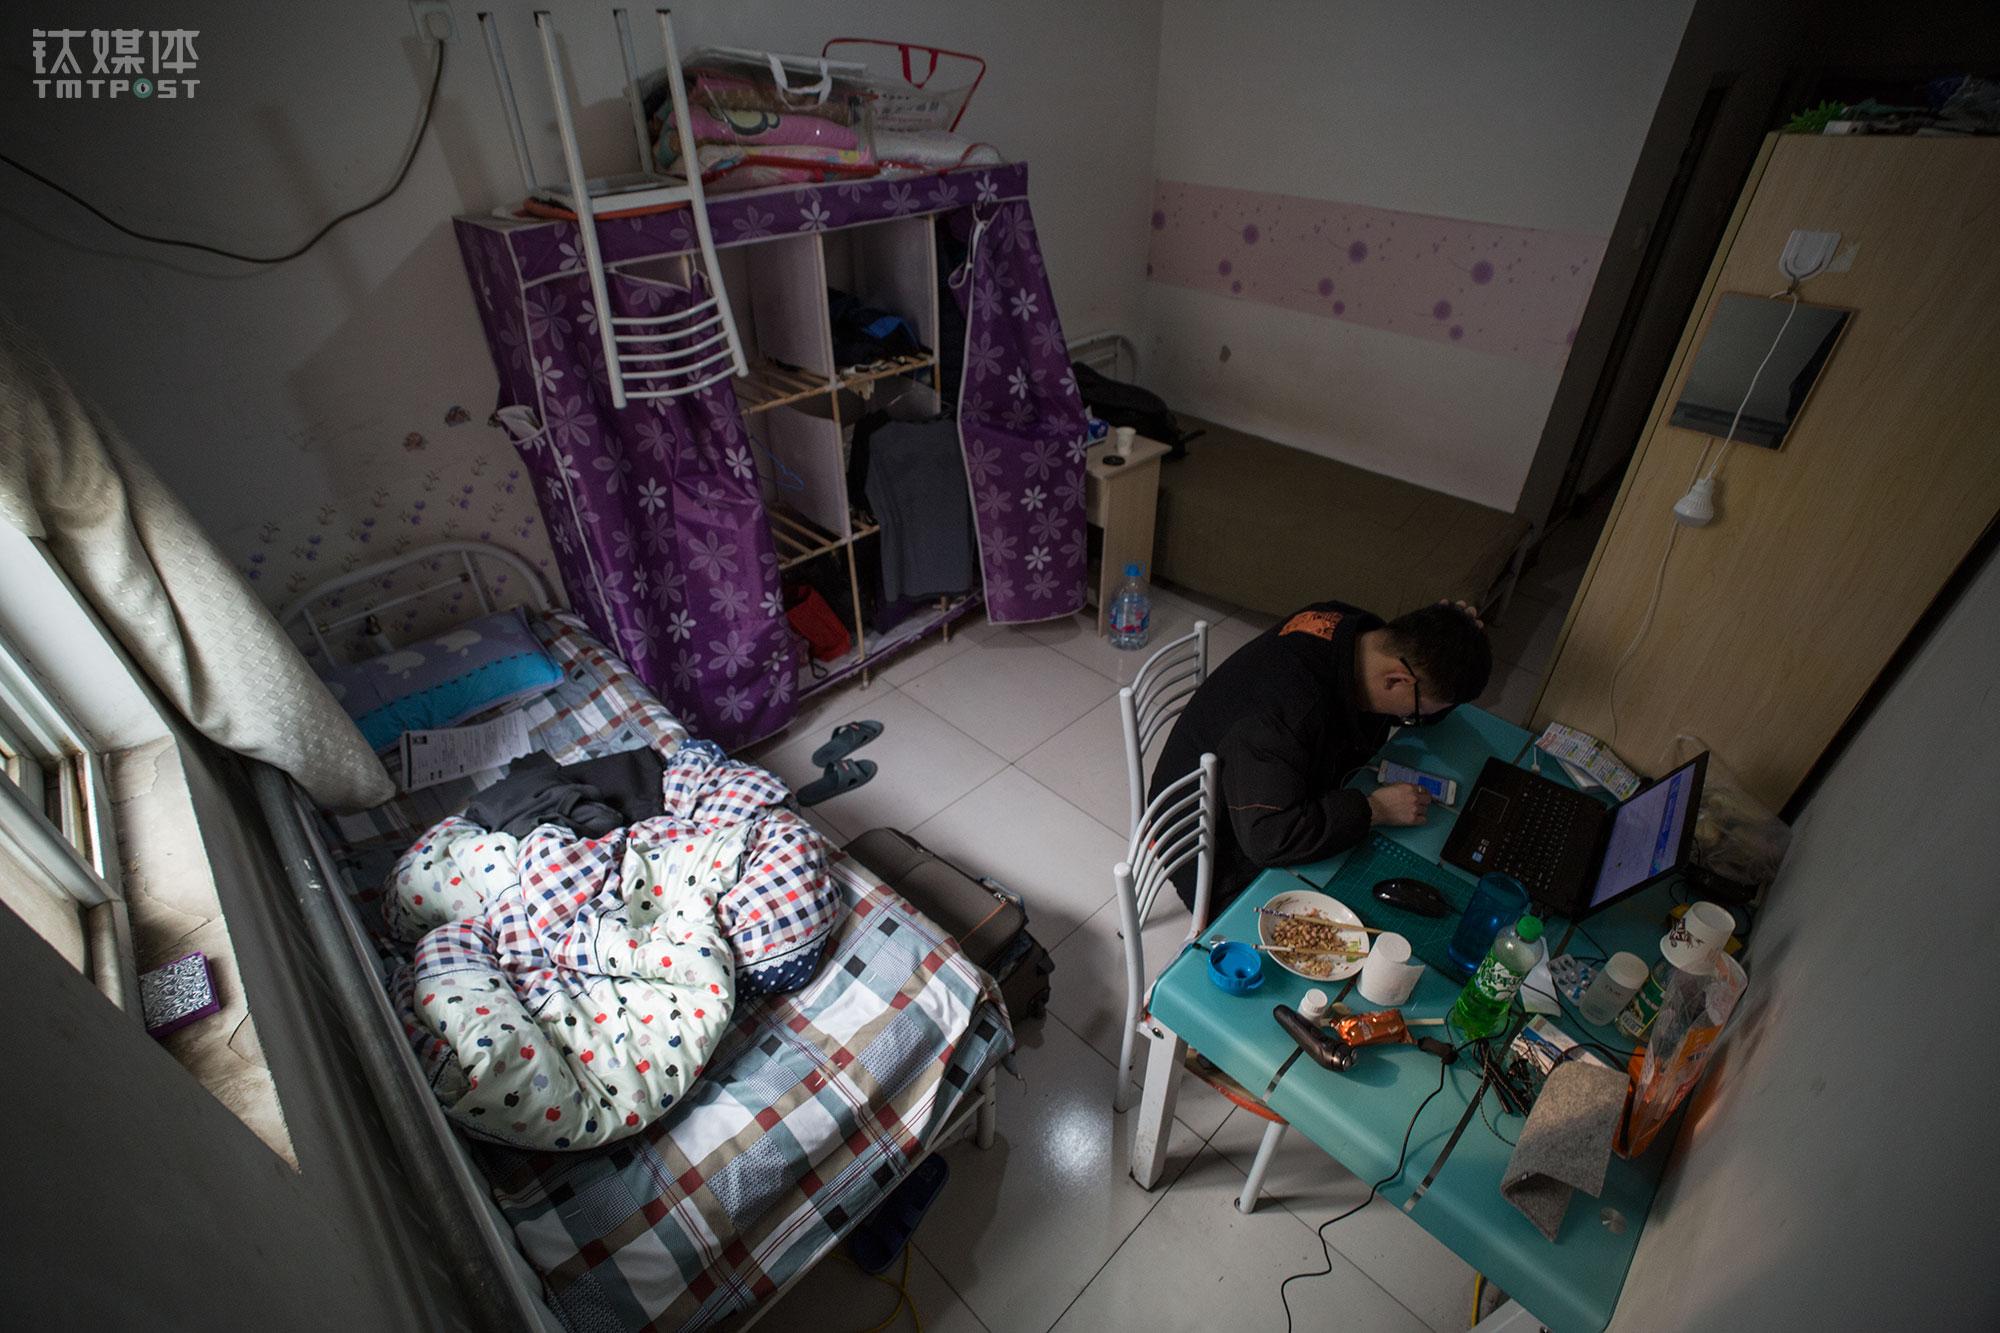 到达北京后,小林在床位费70元的青旅住了3天,后来通过大学室友介绍,他到了西北旺一处公寓暂时落脚。这间房子4月1号到期,小林可以在这里免费住到房子到期那天。